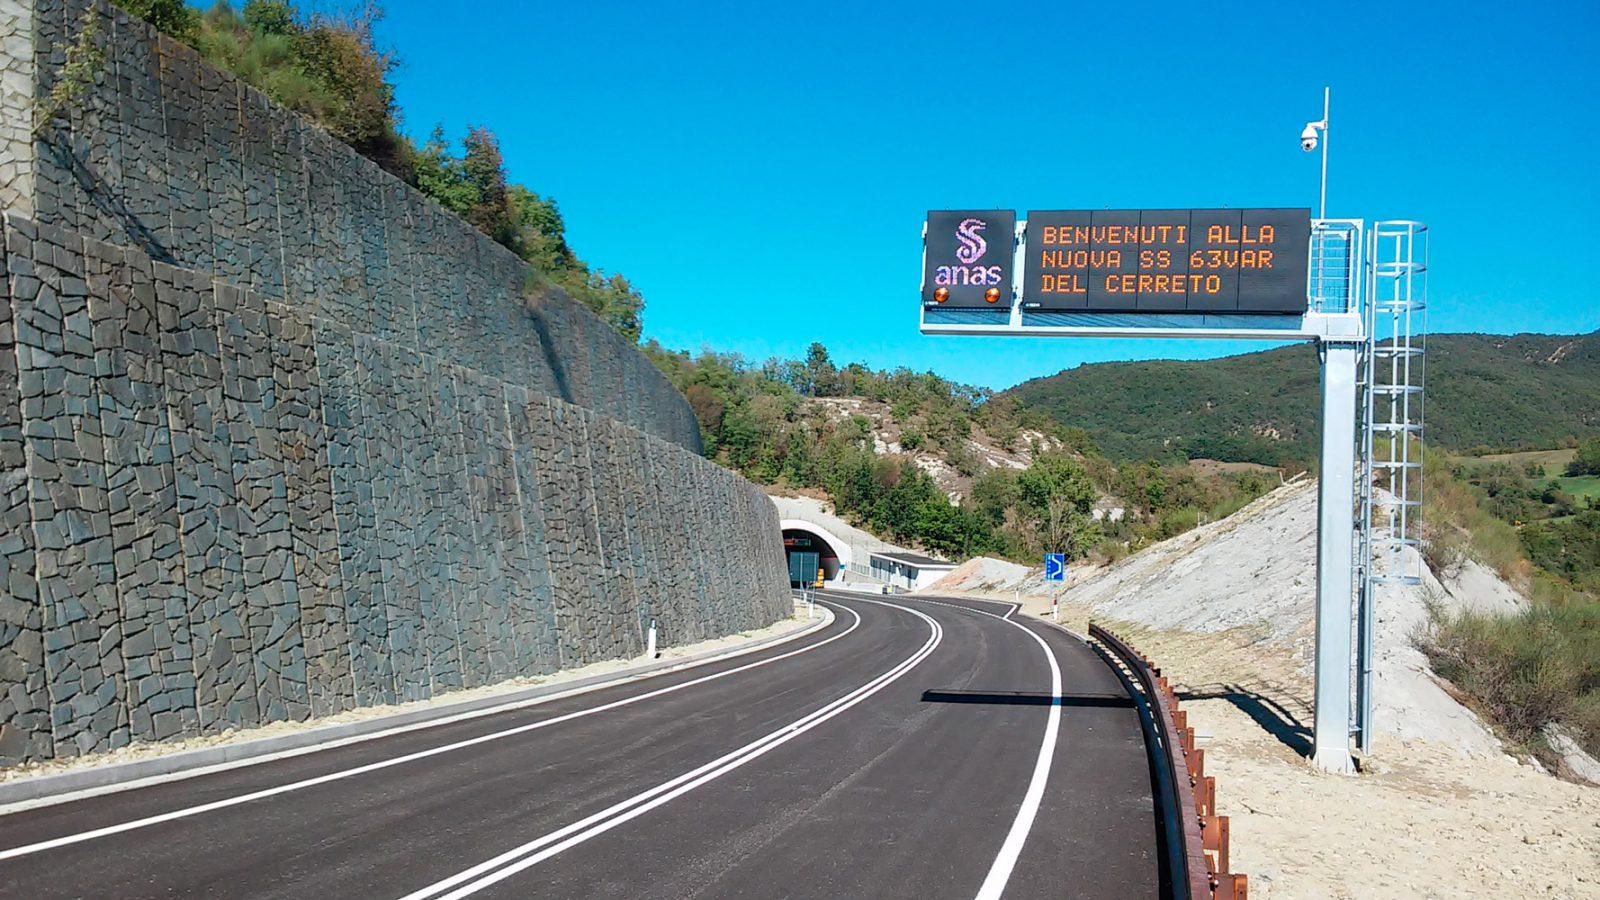 """Pannello a messaggio variabile variante alla strada statale 63 """"del Valico del Cerreto"""" a Casina, in provincia di Reggio Emilia (Archivio storico Anas)"""